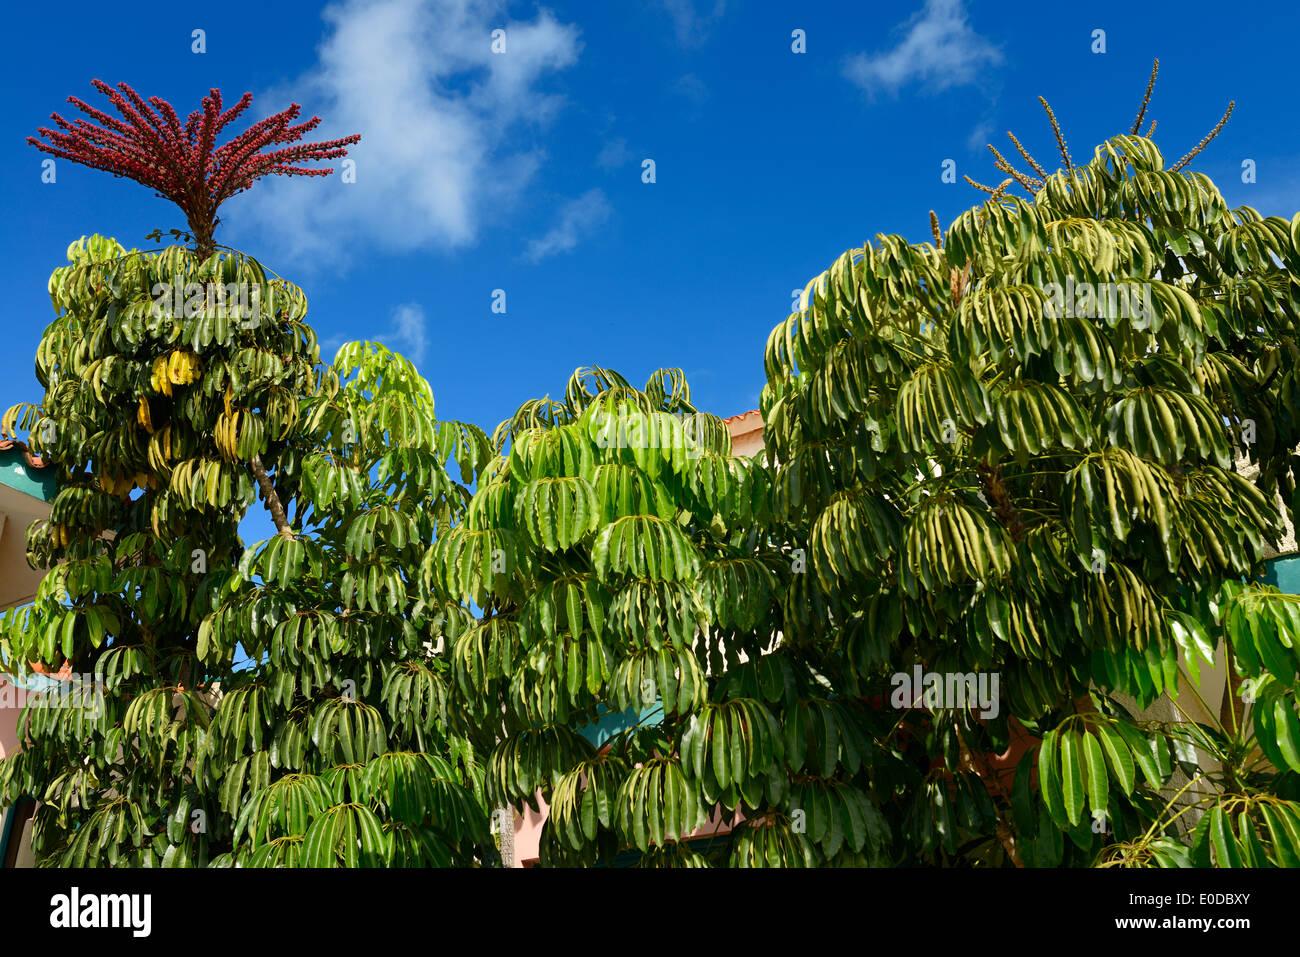 flowering-umbrella-tree-in-downtown-vara